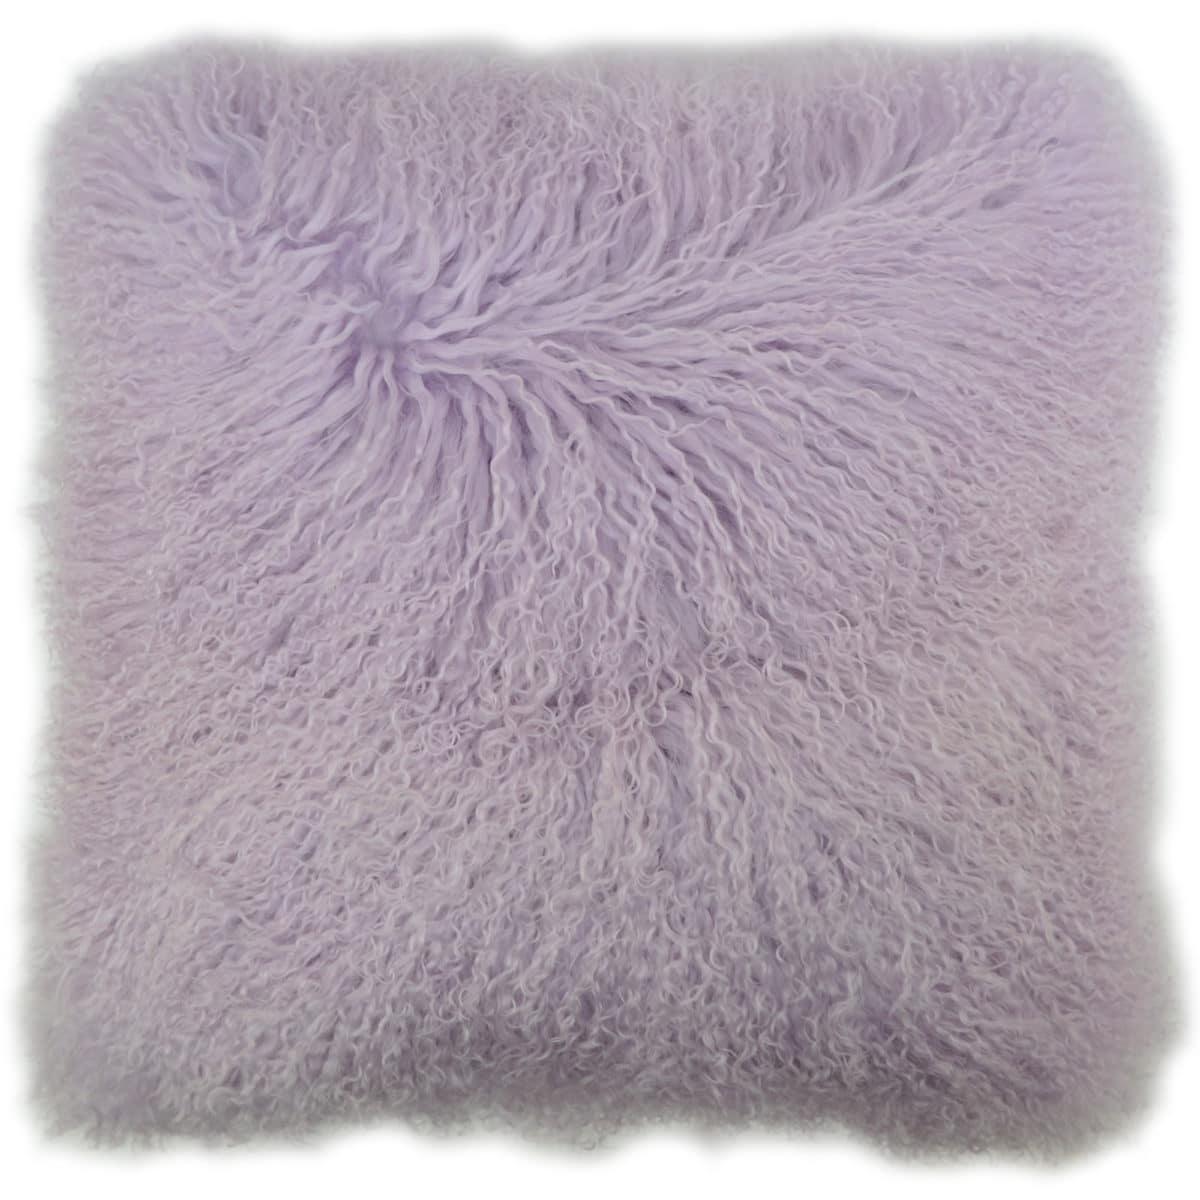 Snugrugs Mongolian Sheepskin Cushion 40cm x 40cm – Lilac